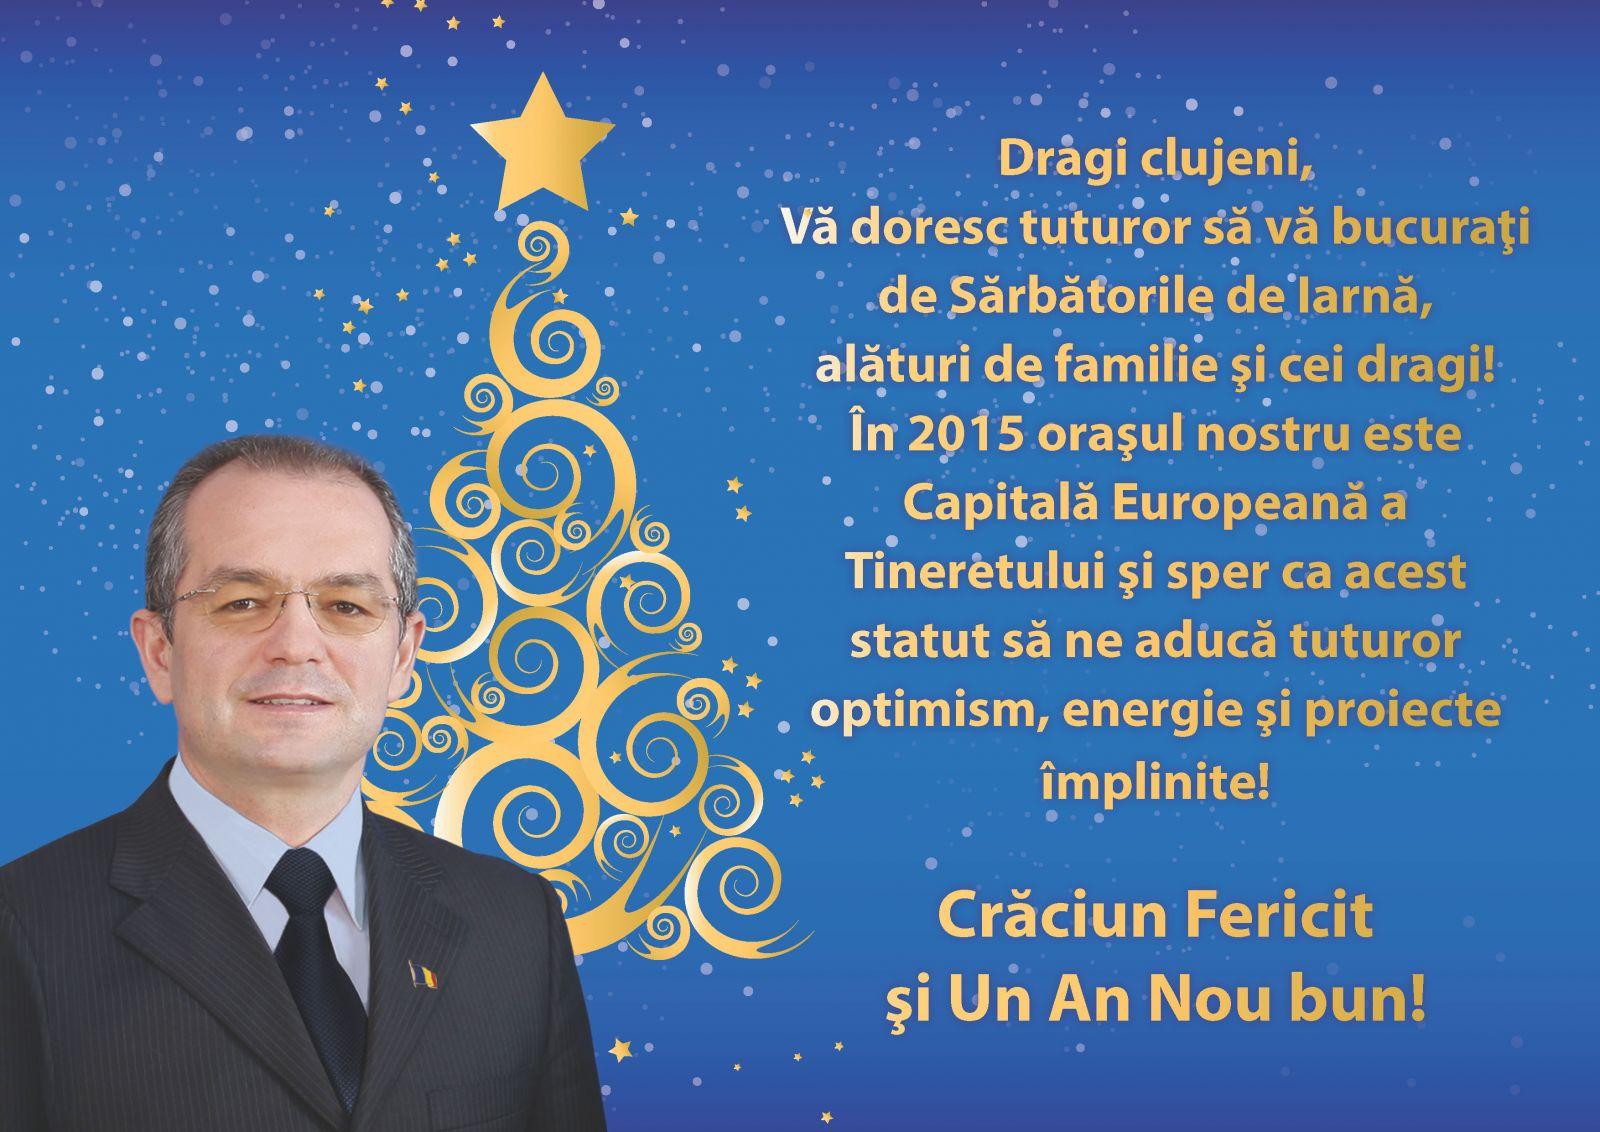 Mesajul primarului Emil Boc de sărbători pentru clujeni